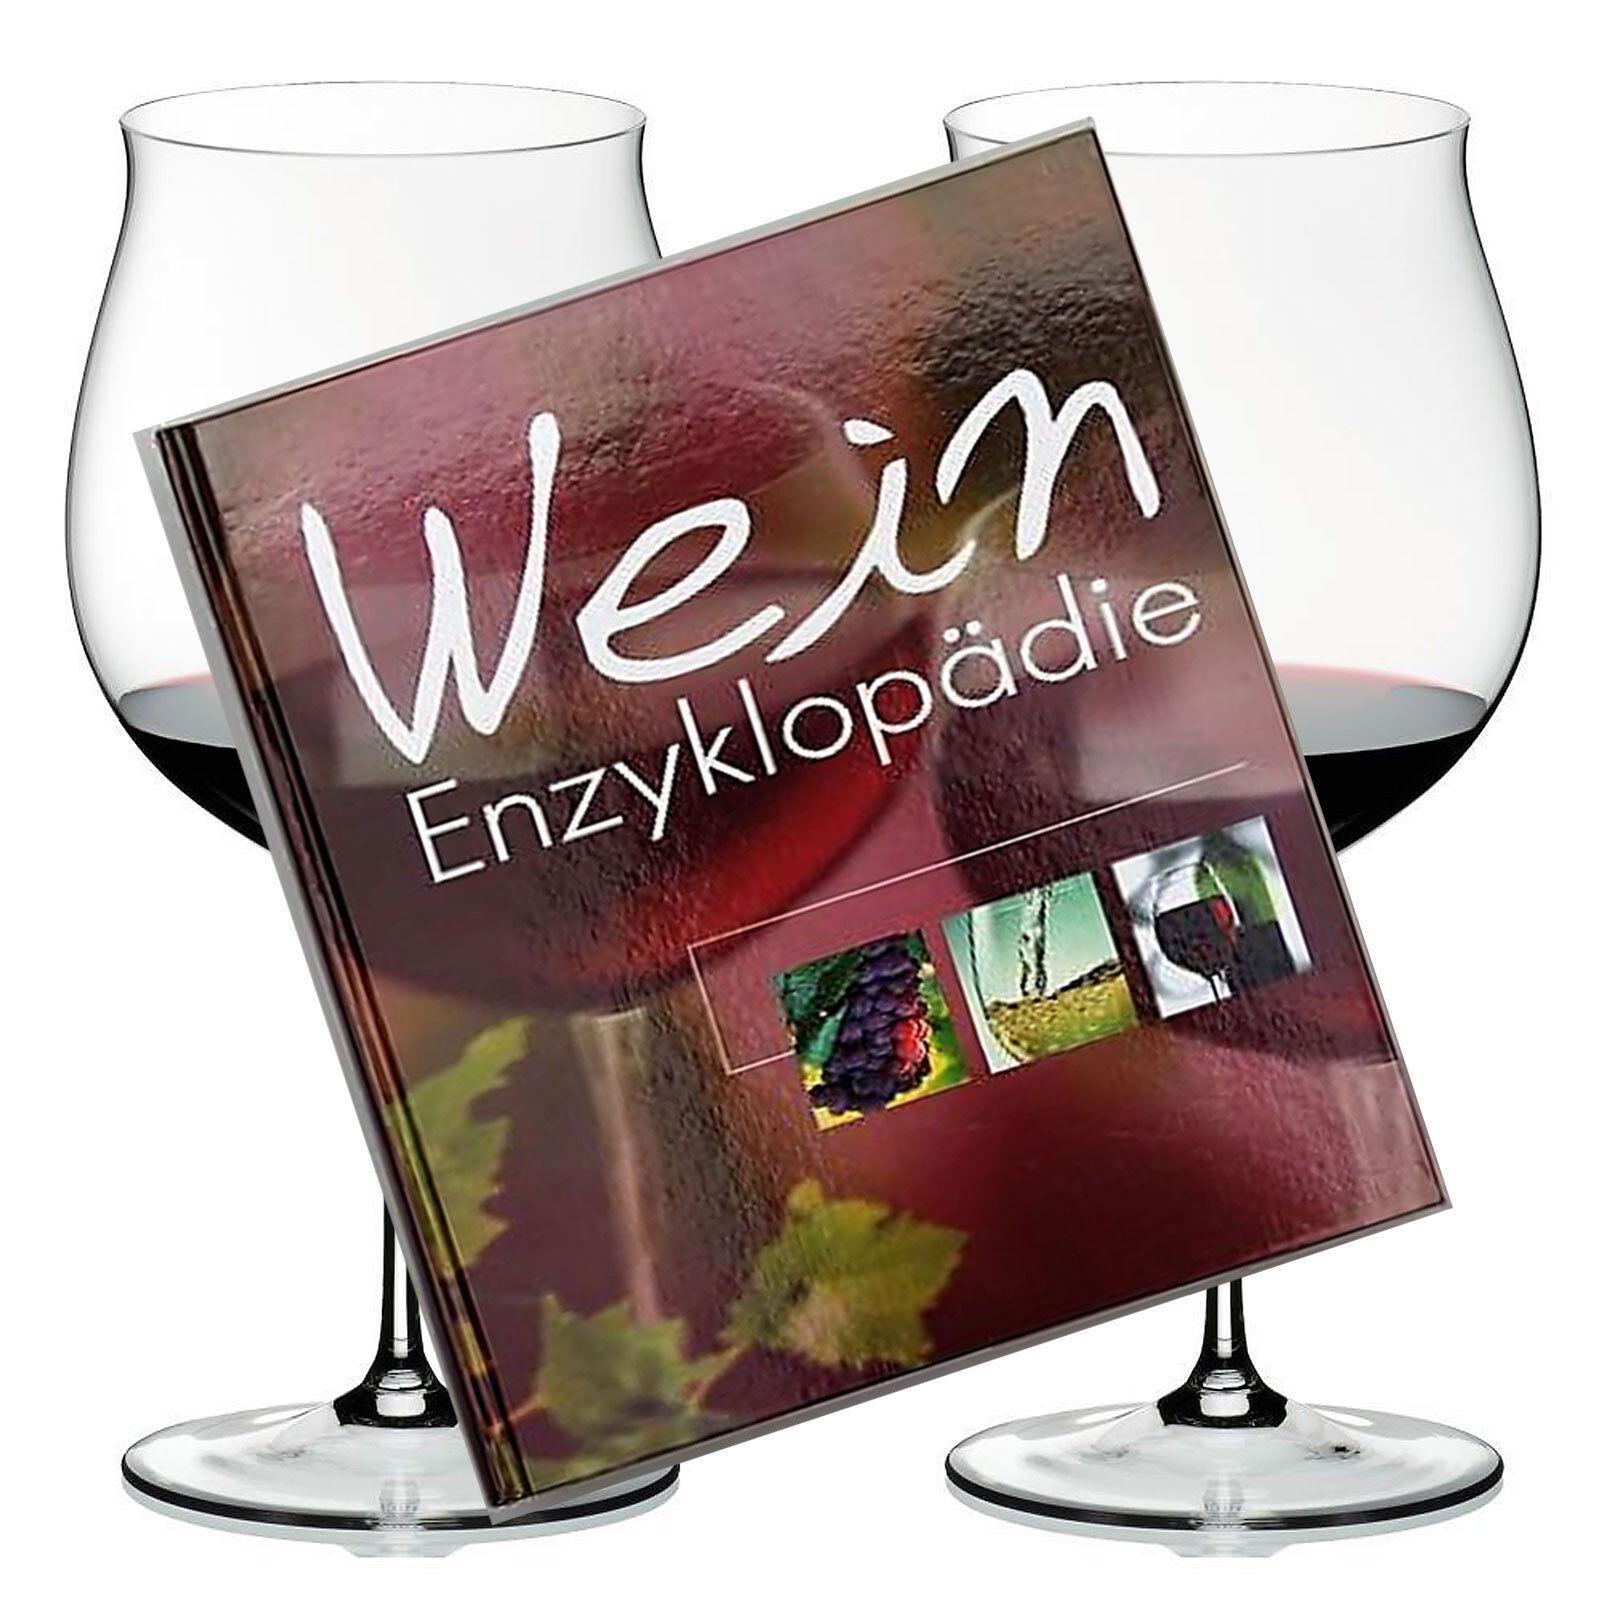 2 Riedel Sommeliers Bourgogne Grand Cru Verre Cristal Verre de Vin & LE VIN Encyclopédie